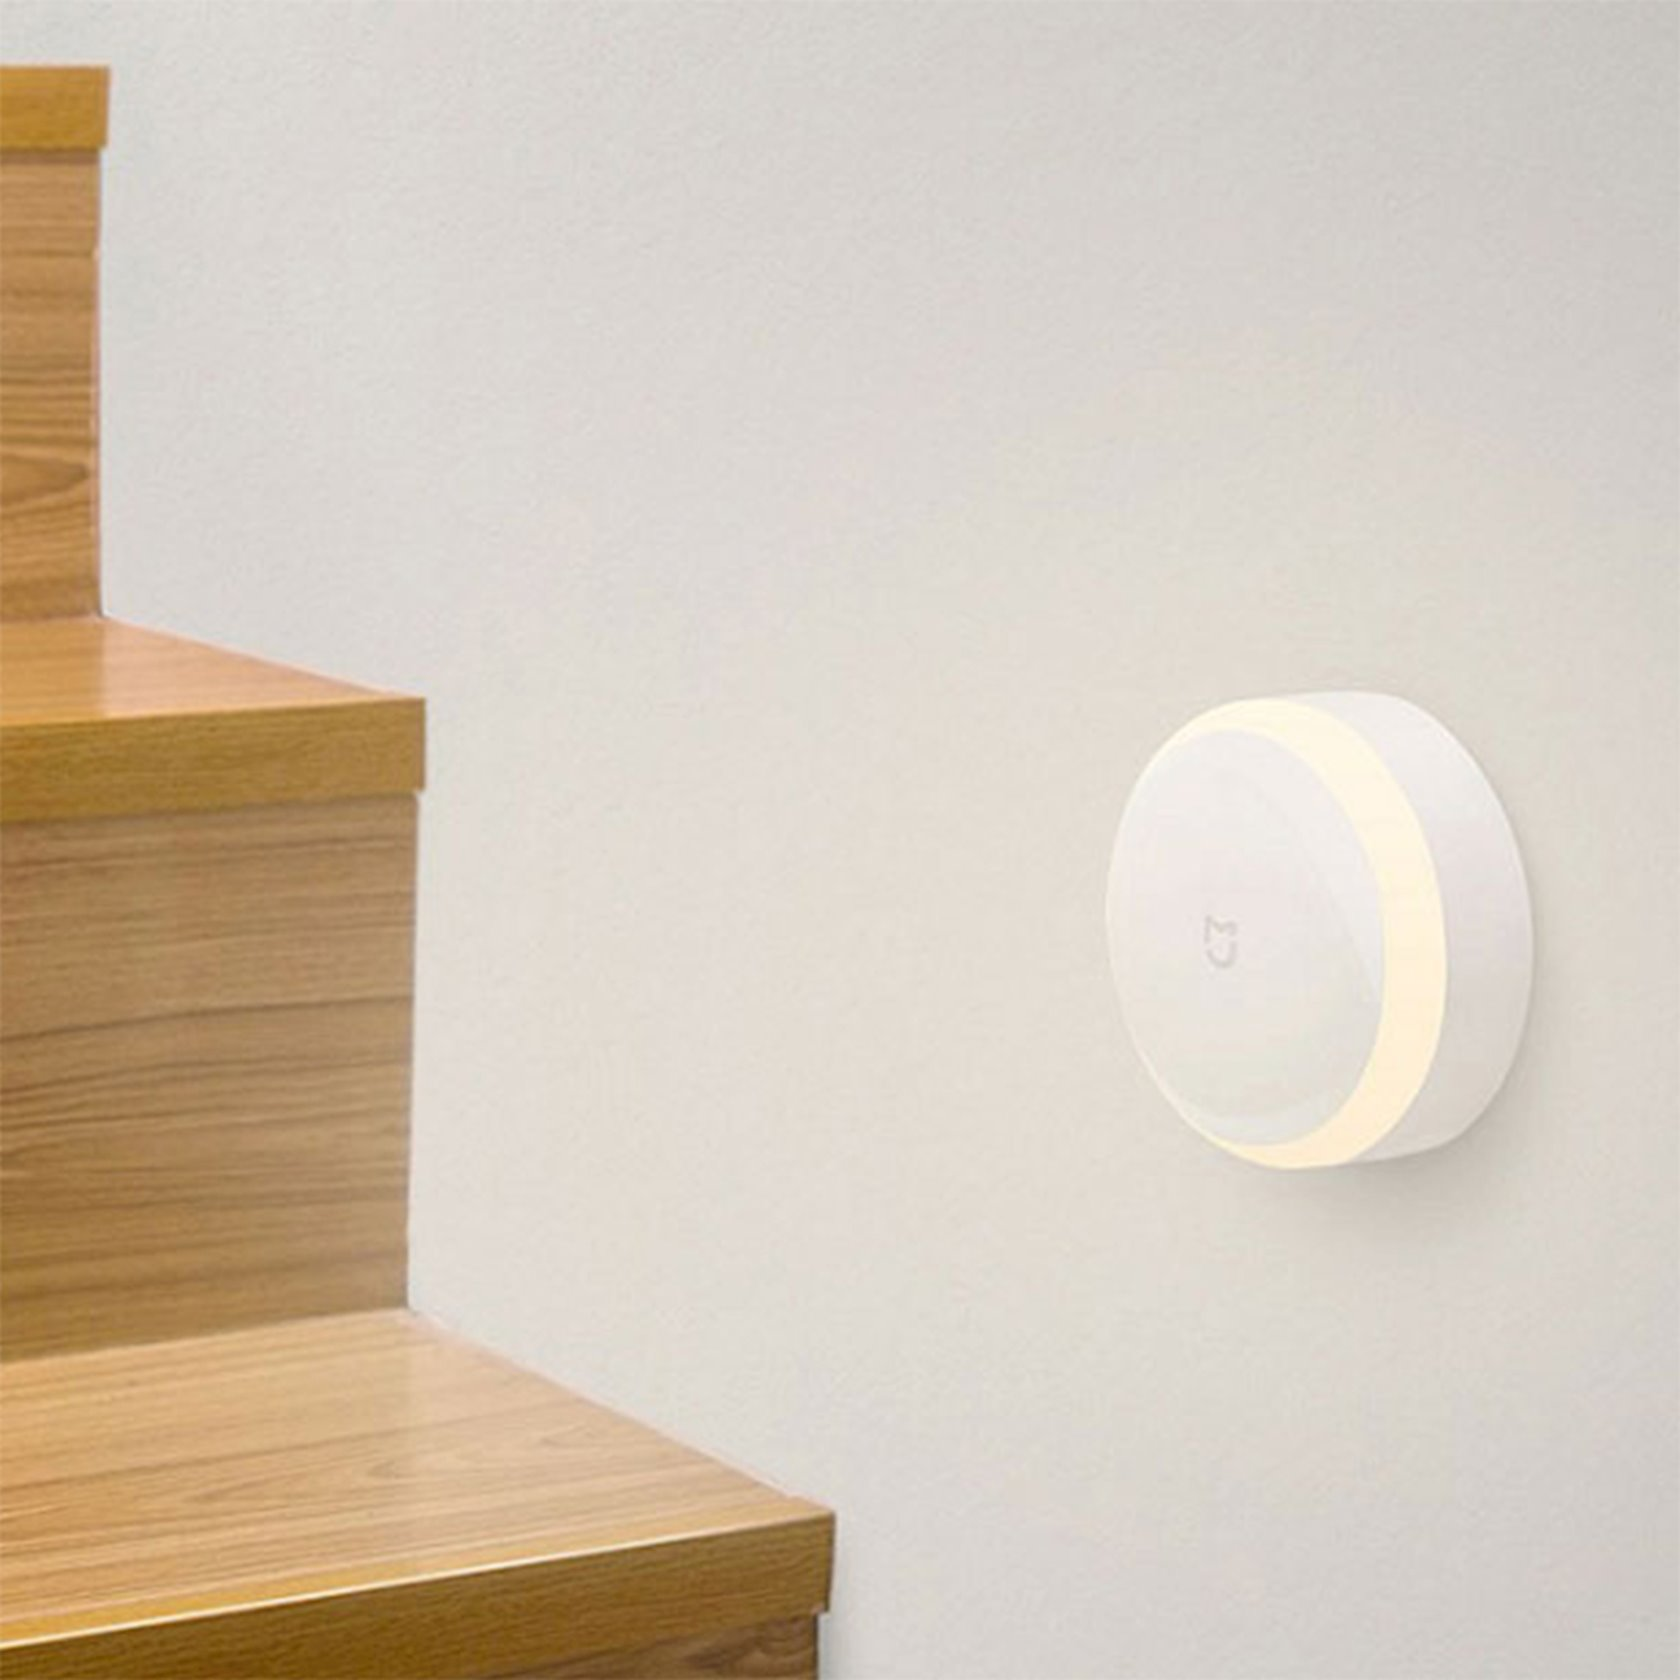 Ağıllı lampa Xiaomi Mi Motion-Activated Night Light 2